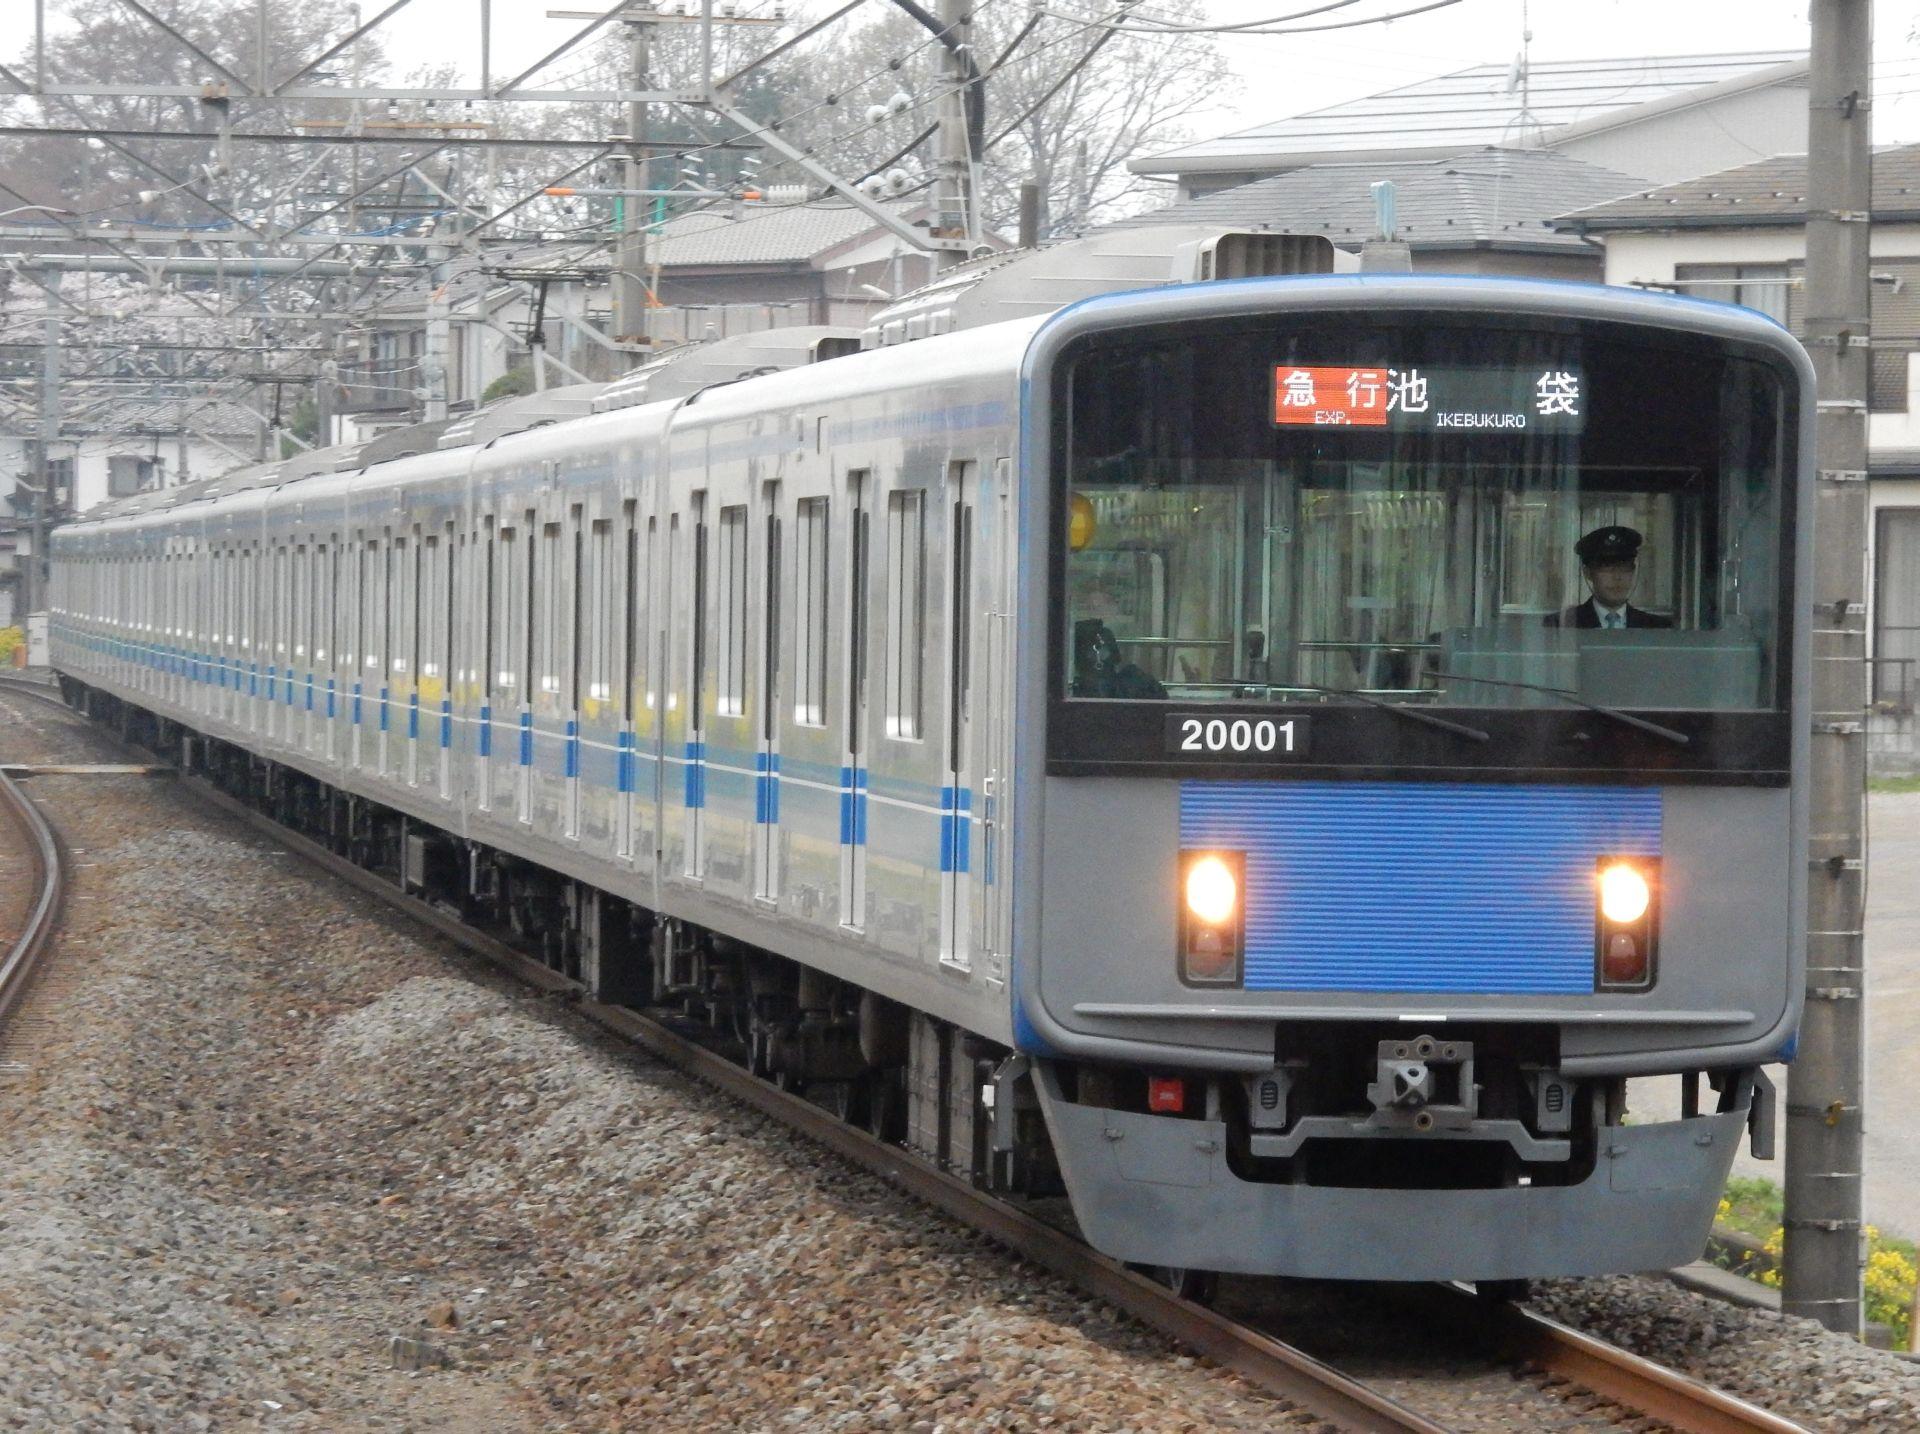 DSCN6549 - コピー